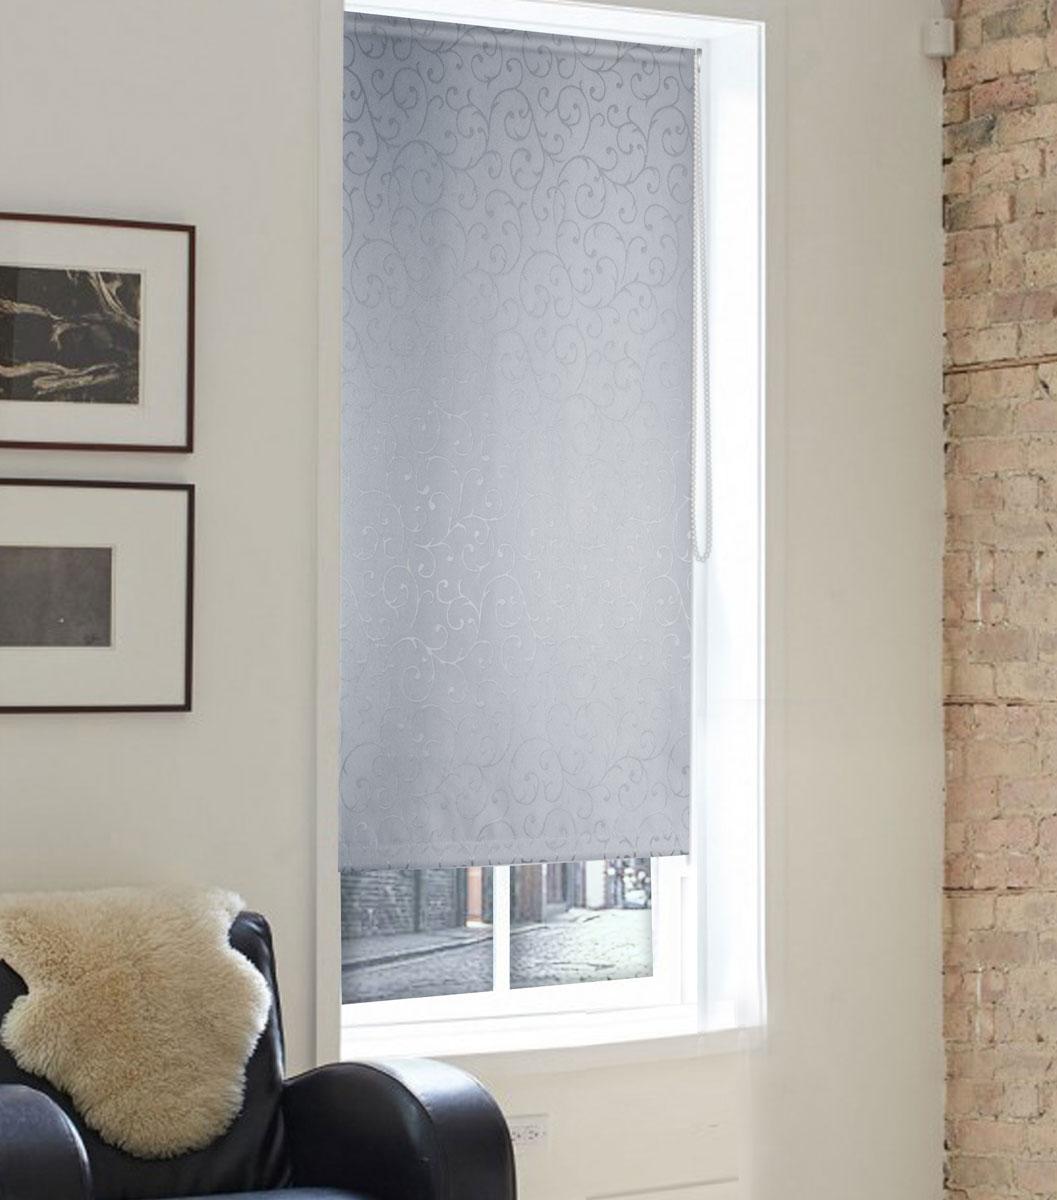 Штора рулонная Эскар Миниролло. Агат, цвет: серый, ширина 43 см, высота 160 см37022043160Рулонная штора Эскар Миниролло. Агат выполнена из высокопрочной ткани, которая сохраняет свой размер даже при намокании. Ткань не выцветает и обладает отличной цветоустойчивостью.Миниролло - это подвид рулонных штор, который закрывает не весь оконный проем, а непосредственно само стекло. Такие шторы крепятся на раму без сверления при помощи зажимов или клейкой двухсторонней ленты. Окно остается на гарантии, благодаря монтажу без сверления. Такая штора станет прекрасным элементом декора окна и гармонично впишется в интерьер любого помещения.